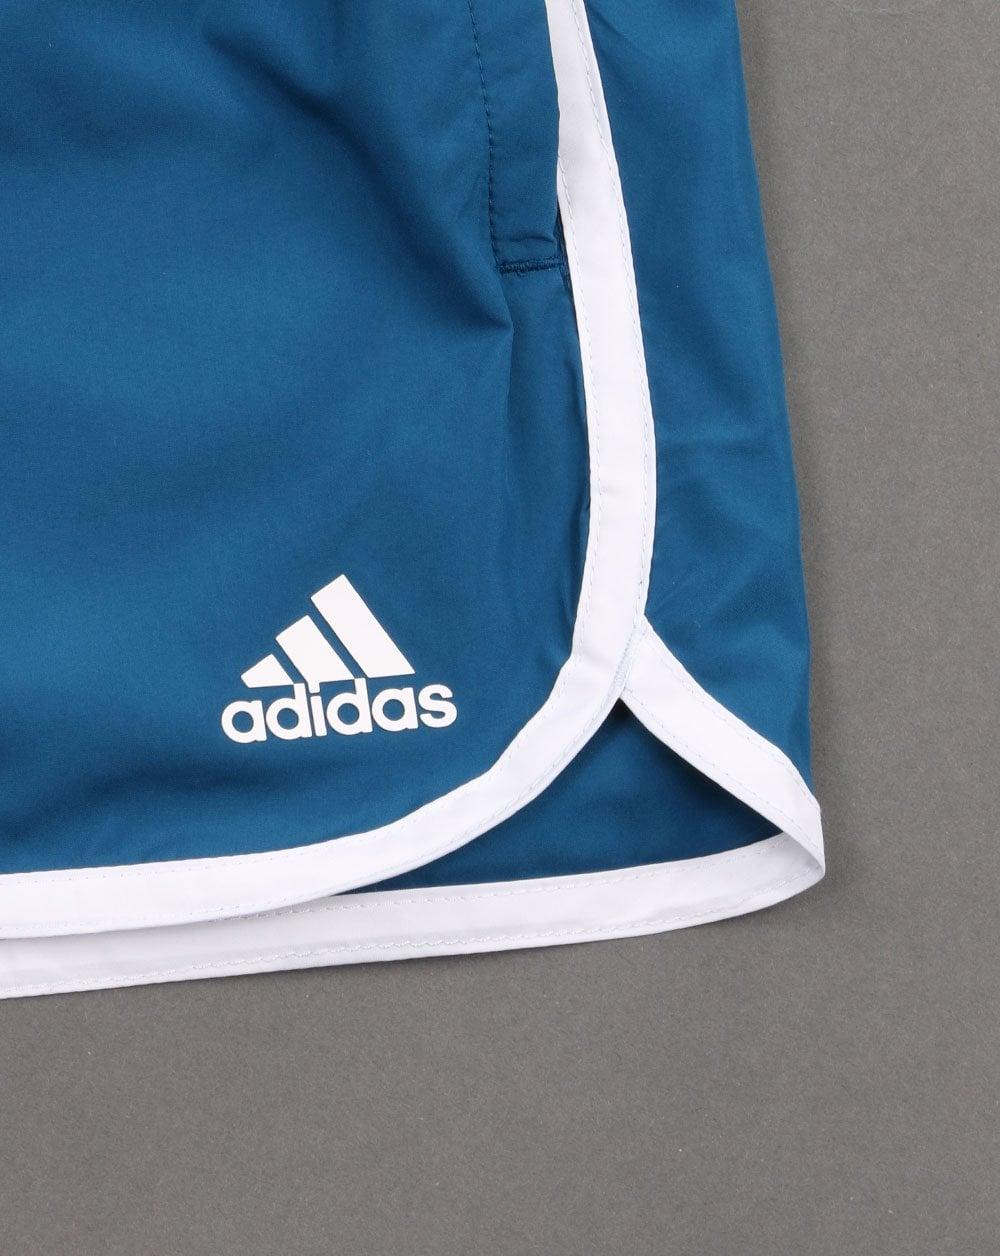 bd118de84 Adidas Originals Split Swim Shorts Deep Blue | 80s Casual Classics